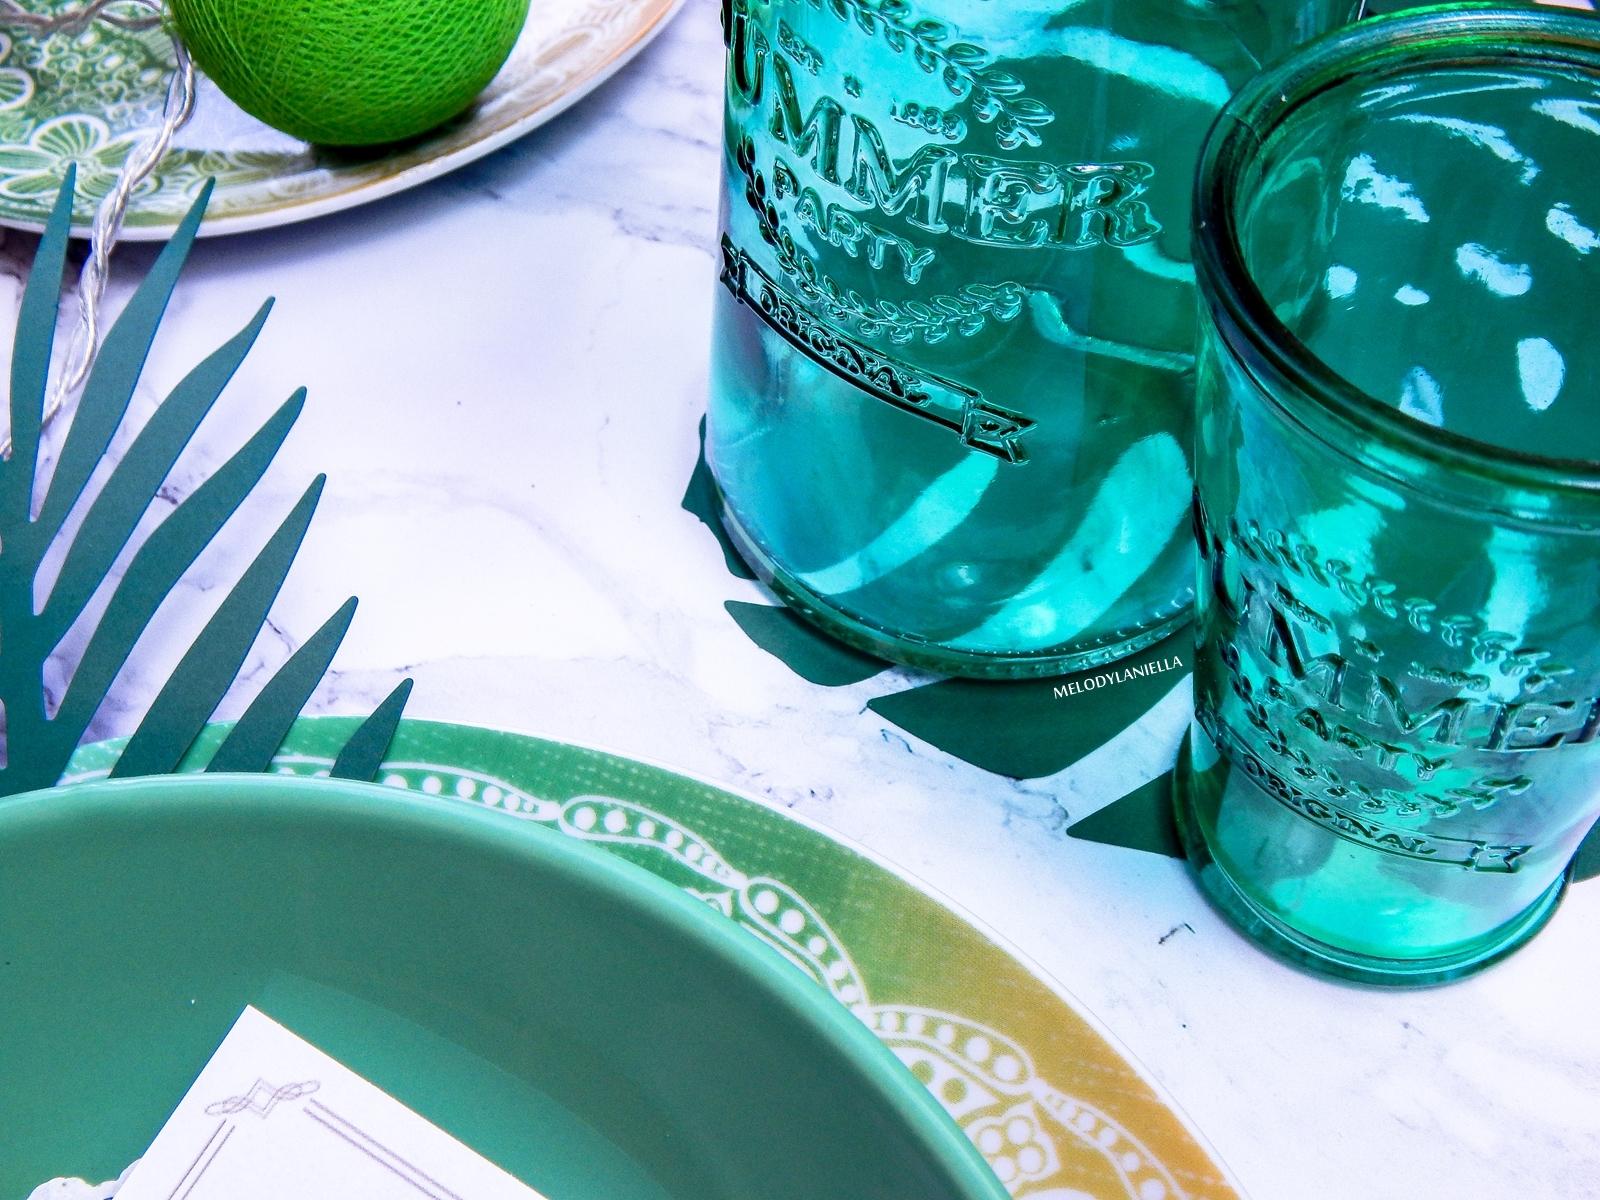 6 pomysły na aranżację stołu zatrzymaj tropikalne lato pomysły na urodziny, rocznicę ślub wesele urodziny dodatki na imprezy przebrania partybox duka home and you